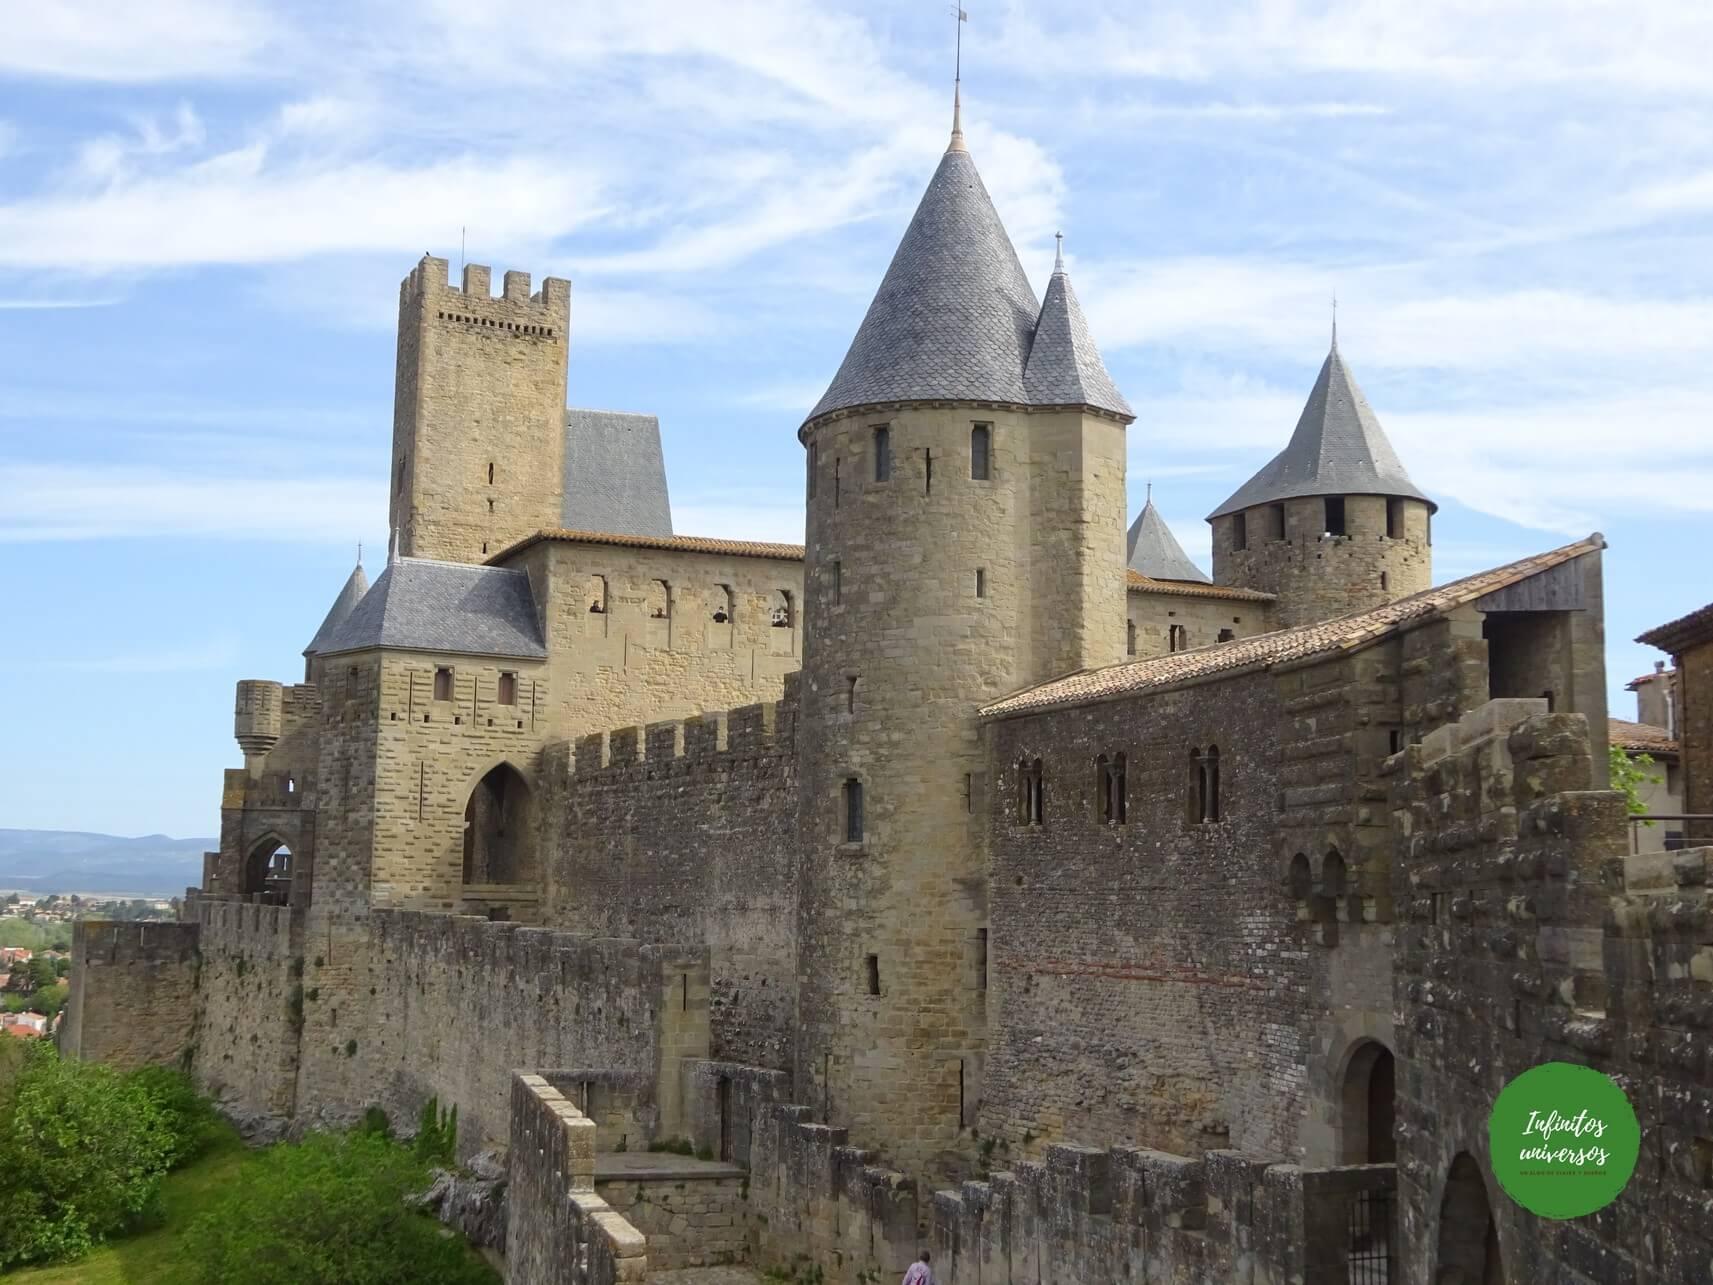 Que ver en Carcassonne mapa pais cataro - Europa en verano